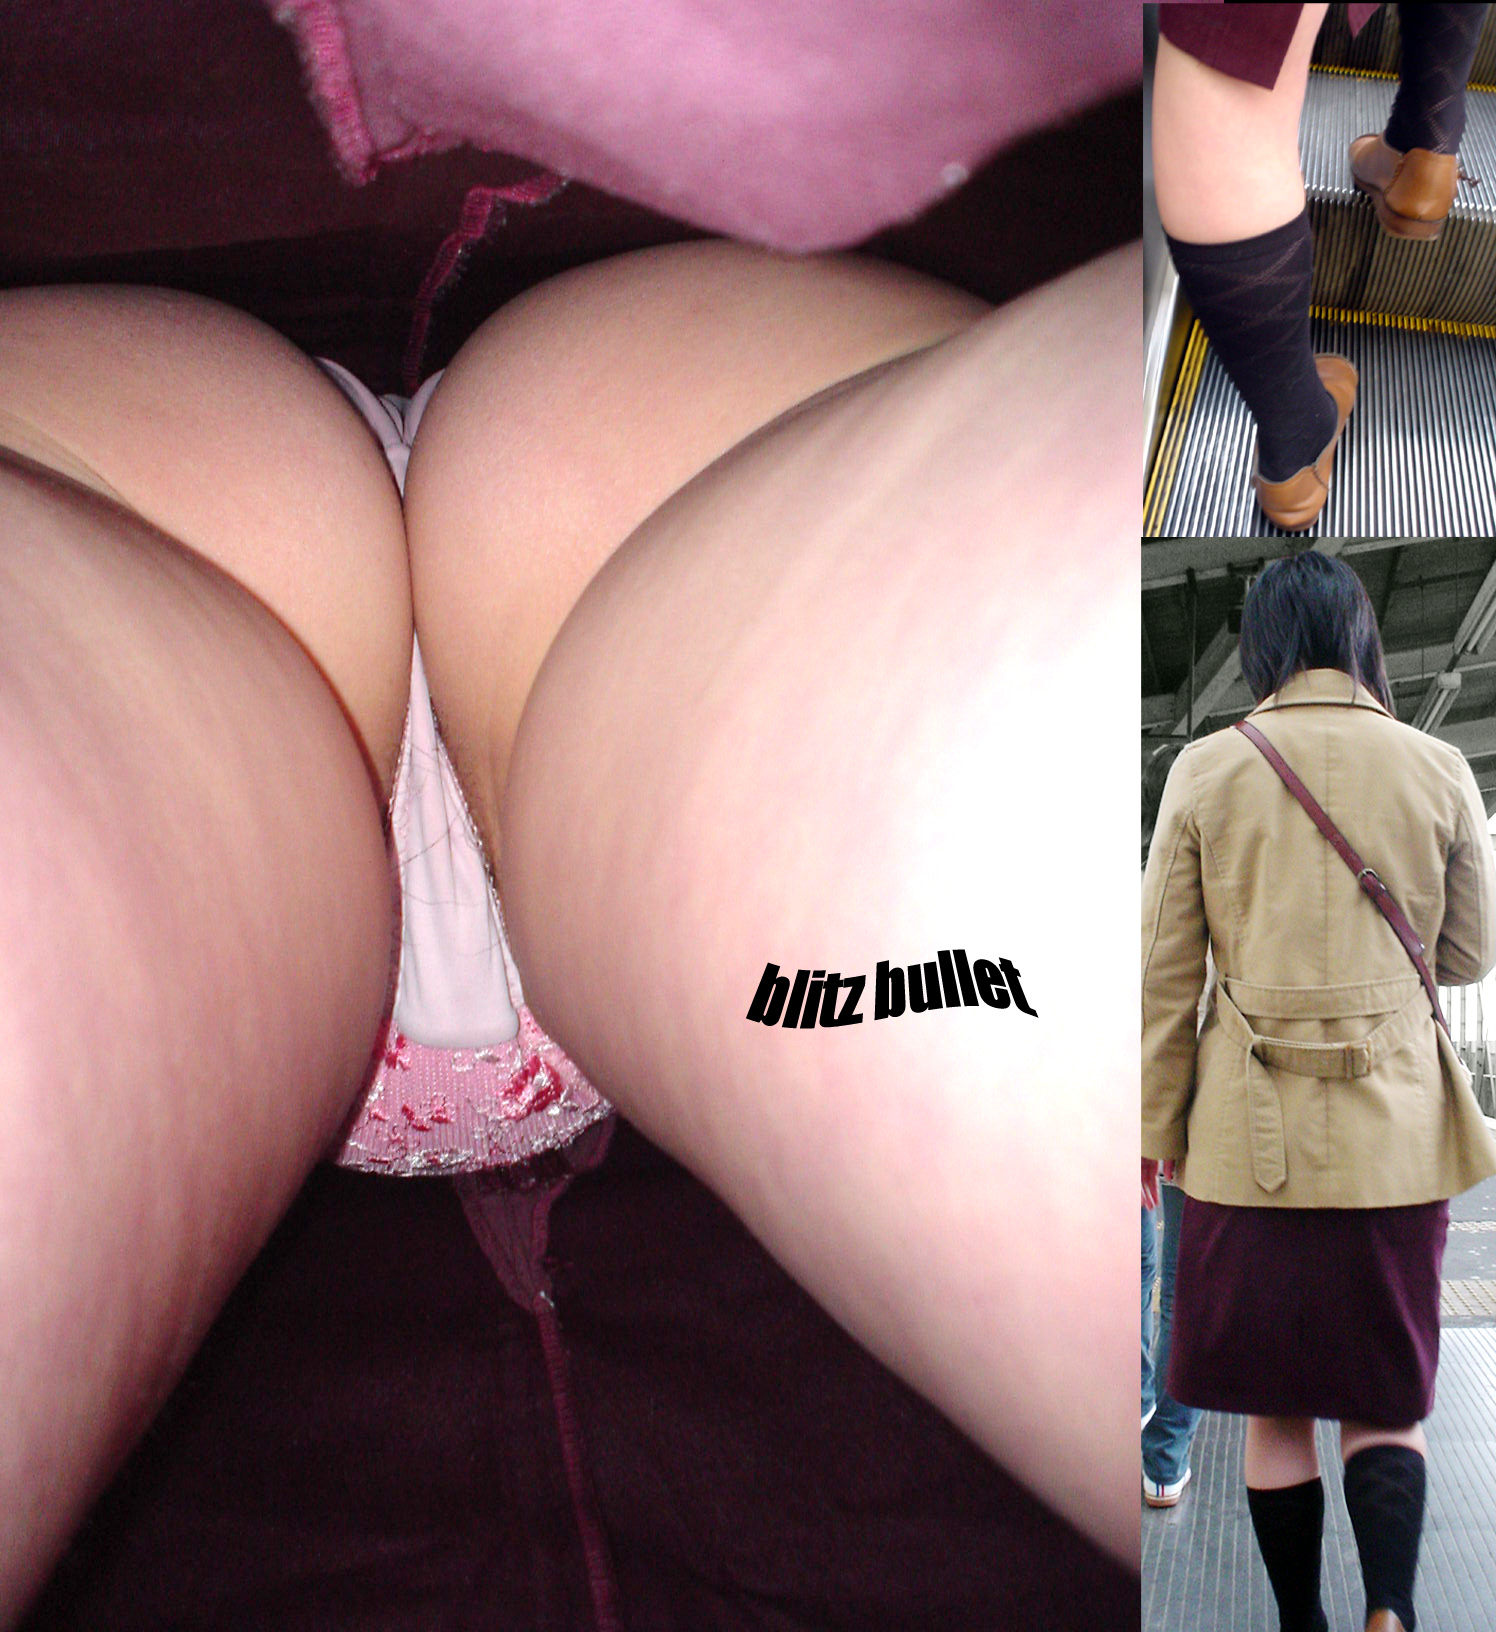 【パンチラエロ画像】お尻の色も目立つ原因wド派手パンツな女子の逆さ撮りwww 27